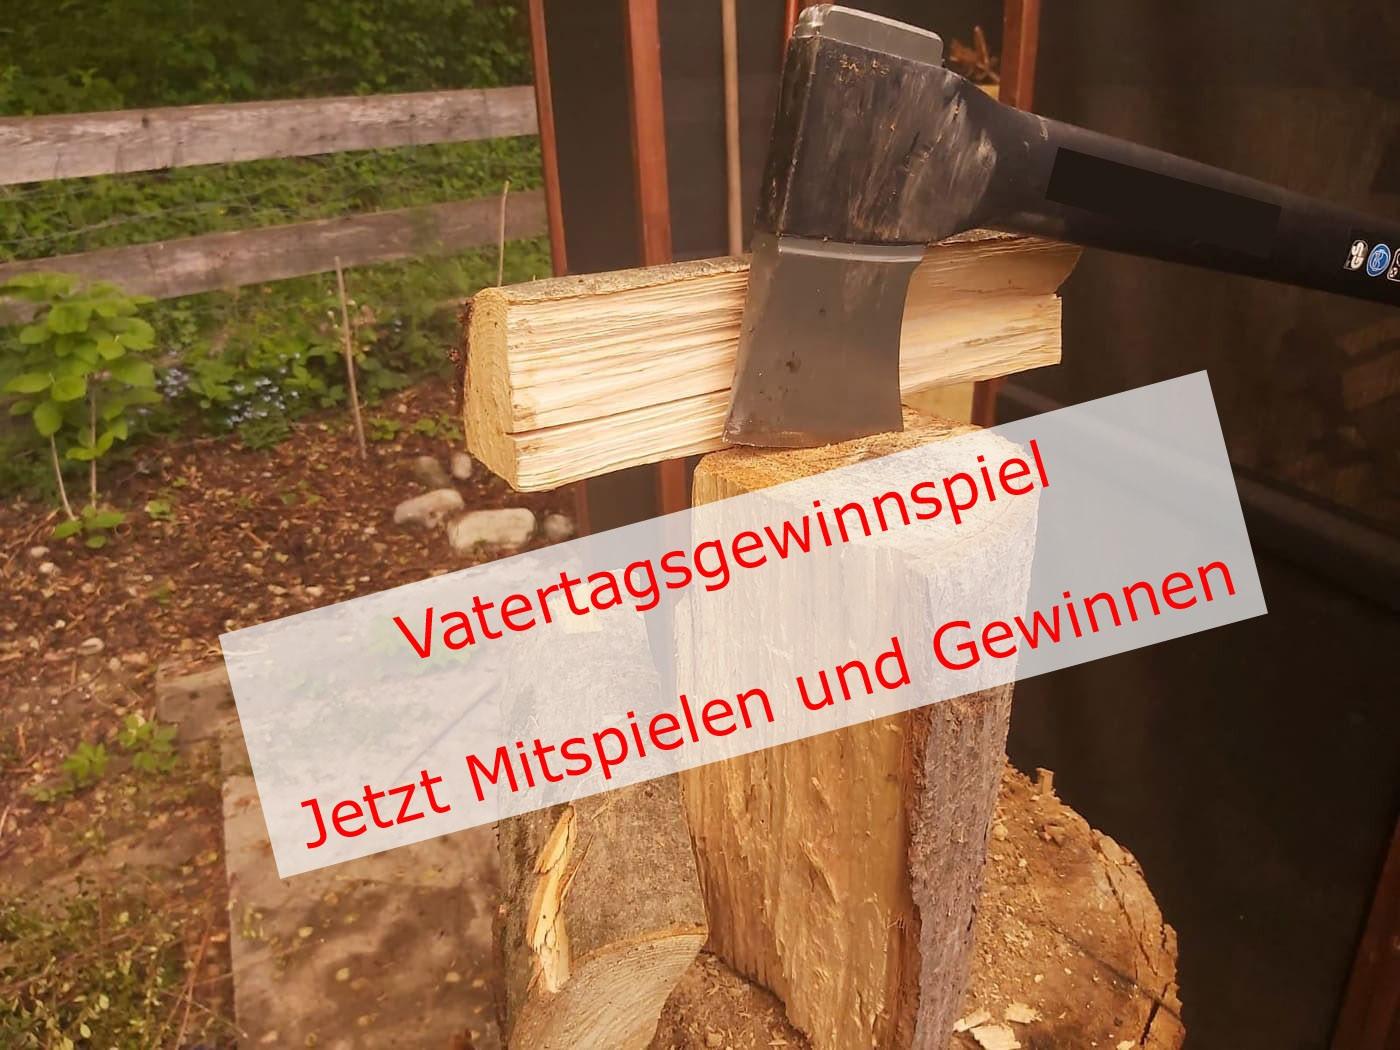 (c)be-outdoor.de - Vatertagsgewinnspiel